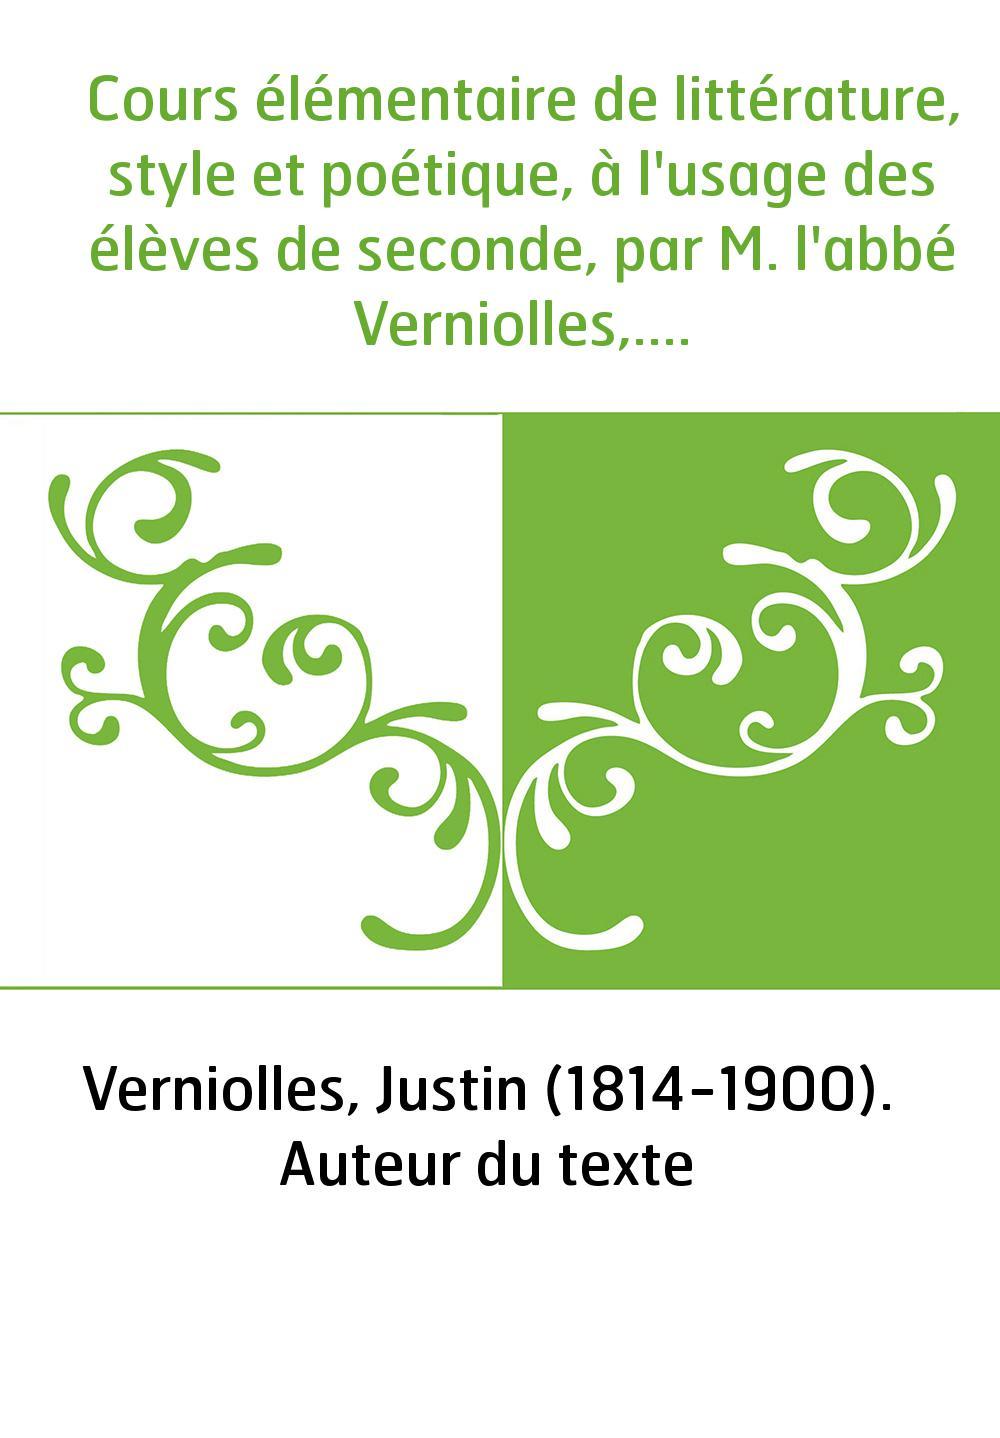 Cours élémentaire de littérature, style et poétique, à l'usage des élèves de seconde, par M. l'abbé Verniolles,...